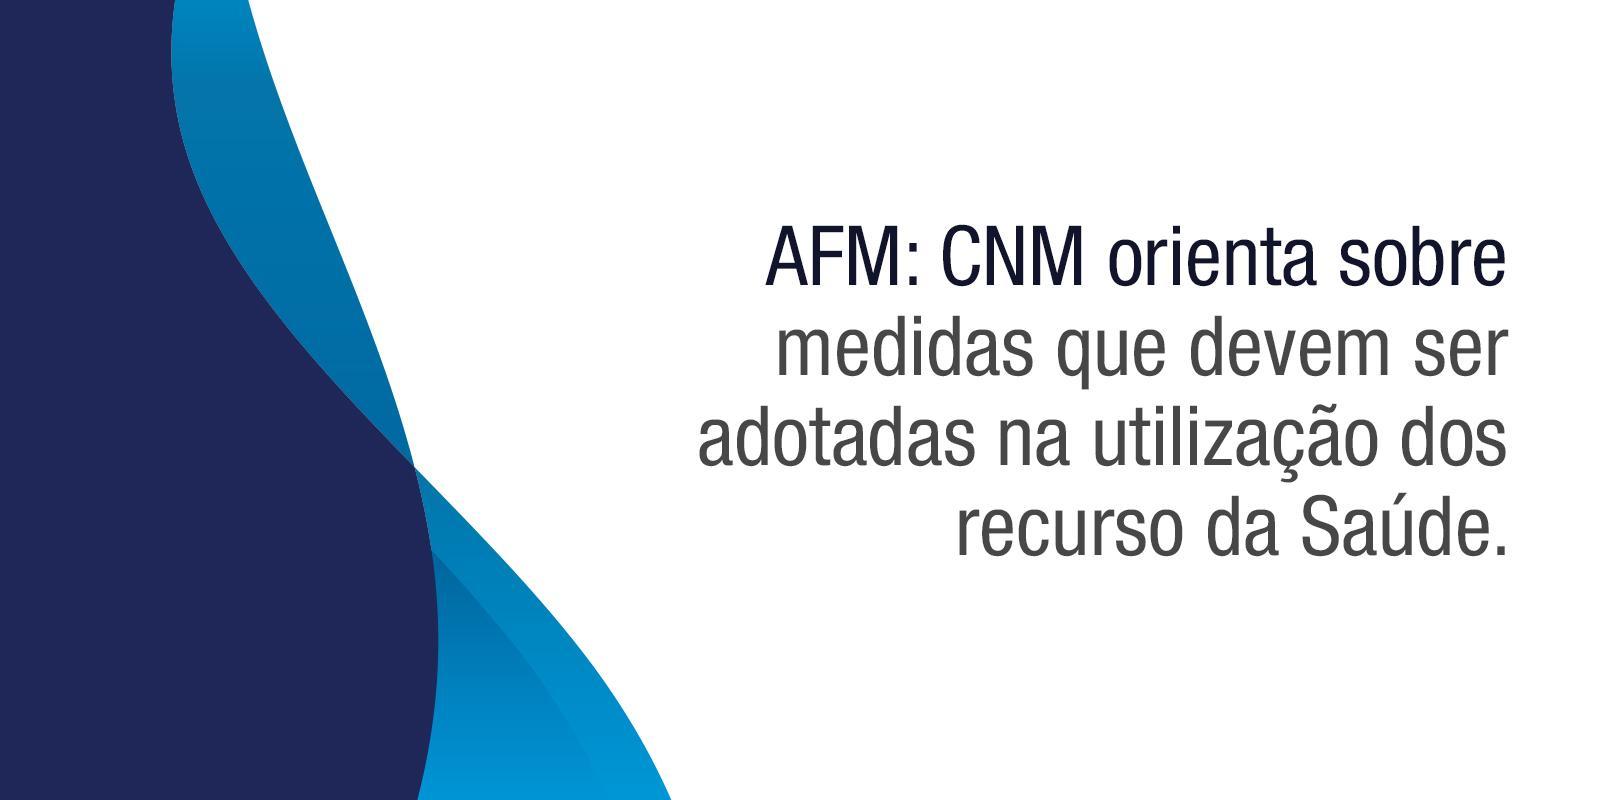 AFM: CNM orienta sobre medidas que devem ser adotadas na utilização dos recurso da Saúde